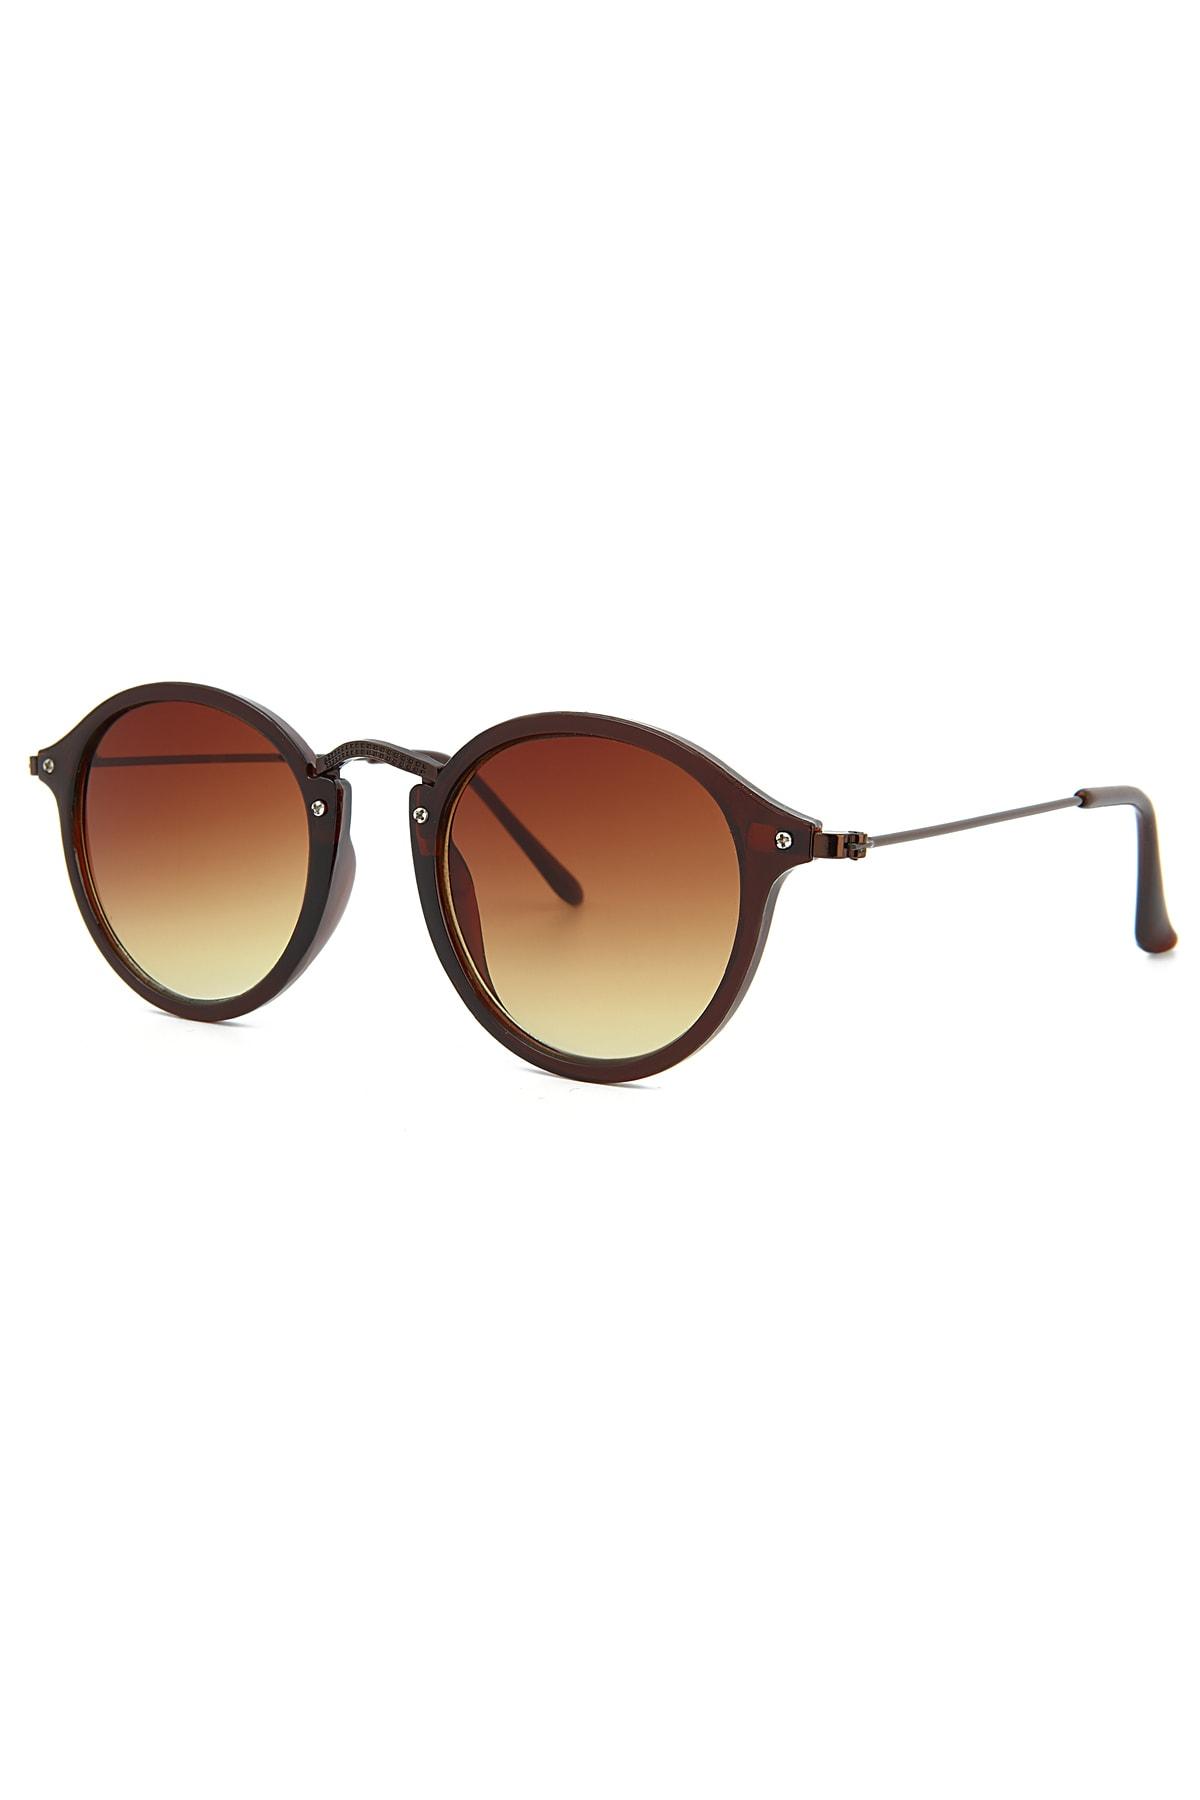 خرید انلاین عینک آفتابی جدید زنانه شیک مارک Aqua Di Polo 1987 رنگ قهوه ای کد ty100437256